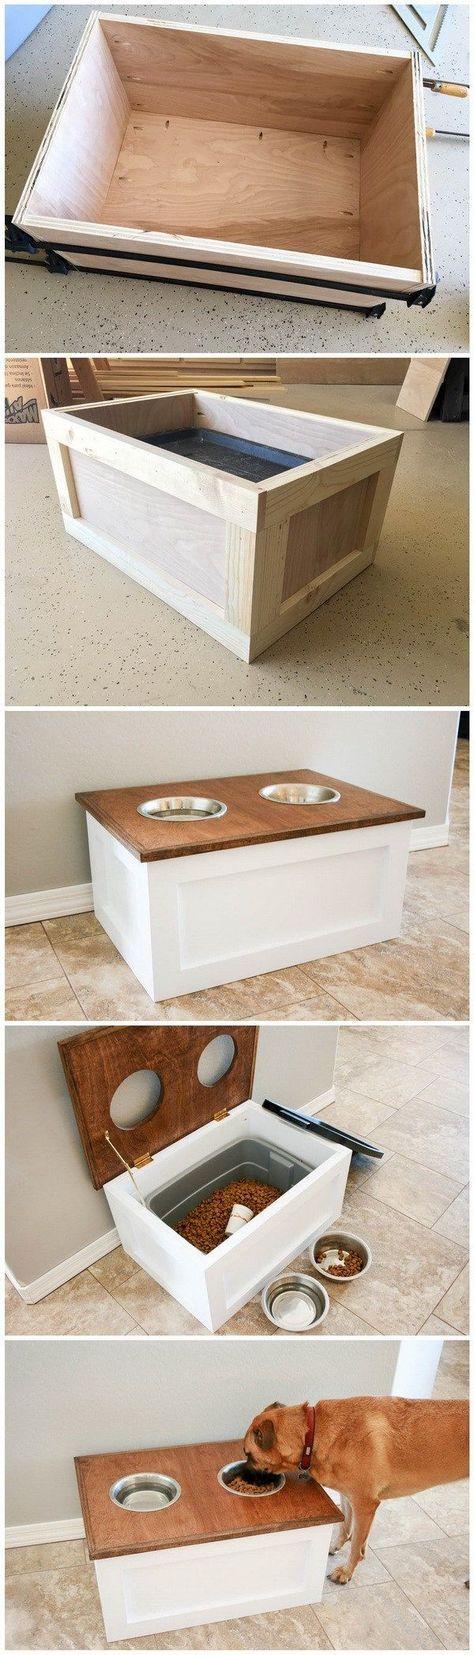 26 Quick Furniture Makeover DIYs. Dog Food ...